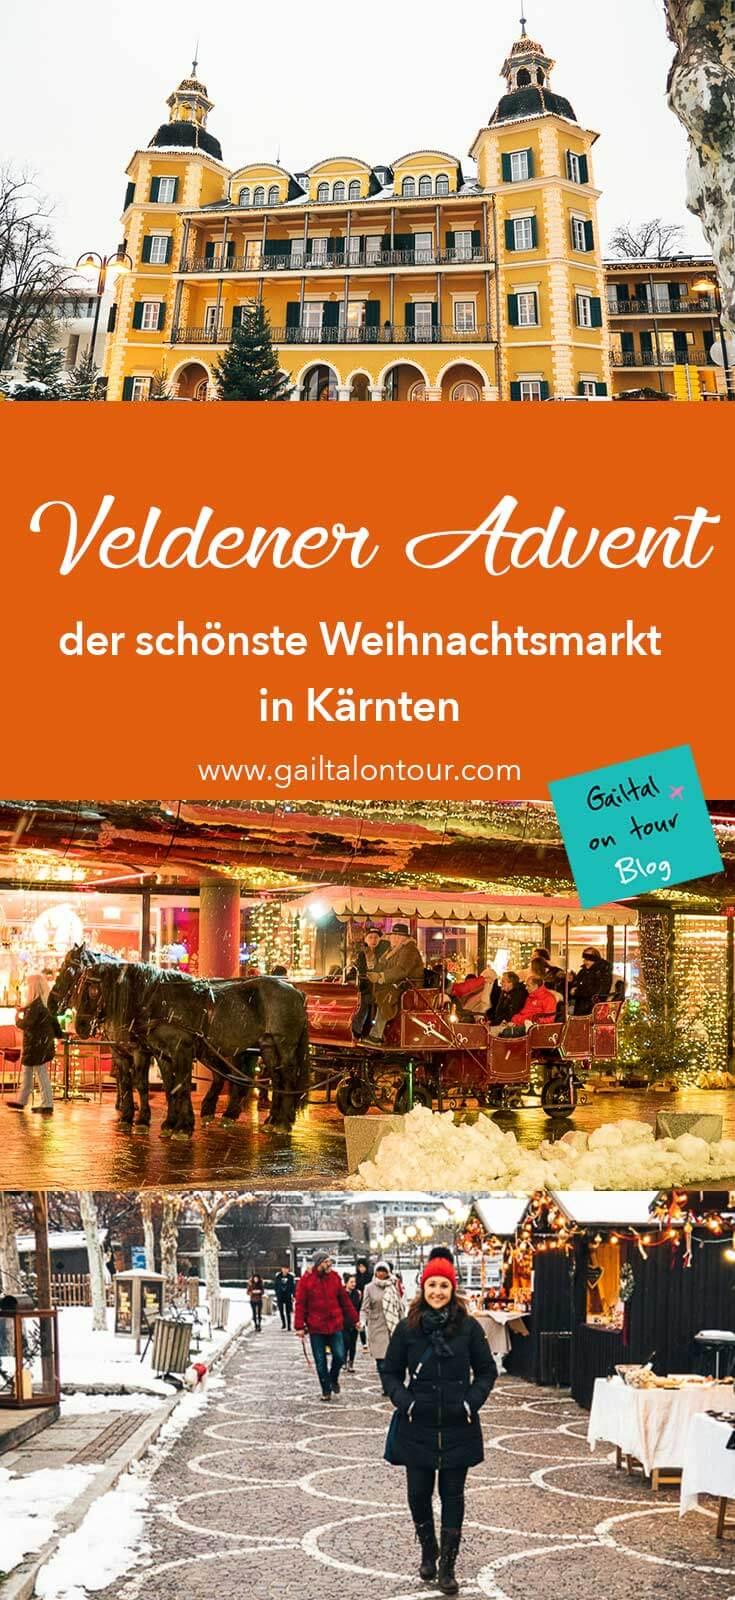 Veldener Advent. Besuch am schönsten #Weihnachtsmarkt in #Kärnten. Stimmungsvoller #Christkindlmarkt mit einem großen kulinarischen Angebot